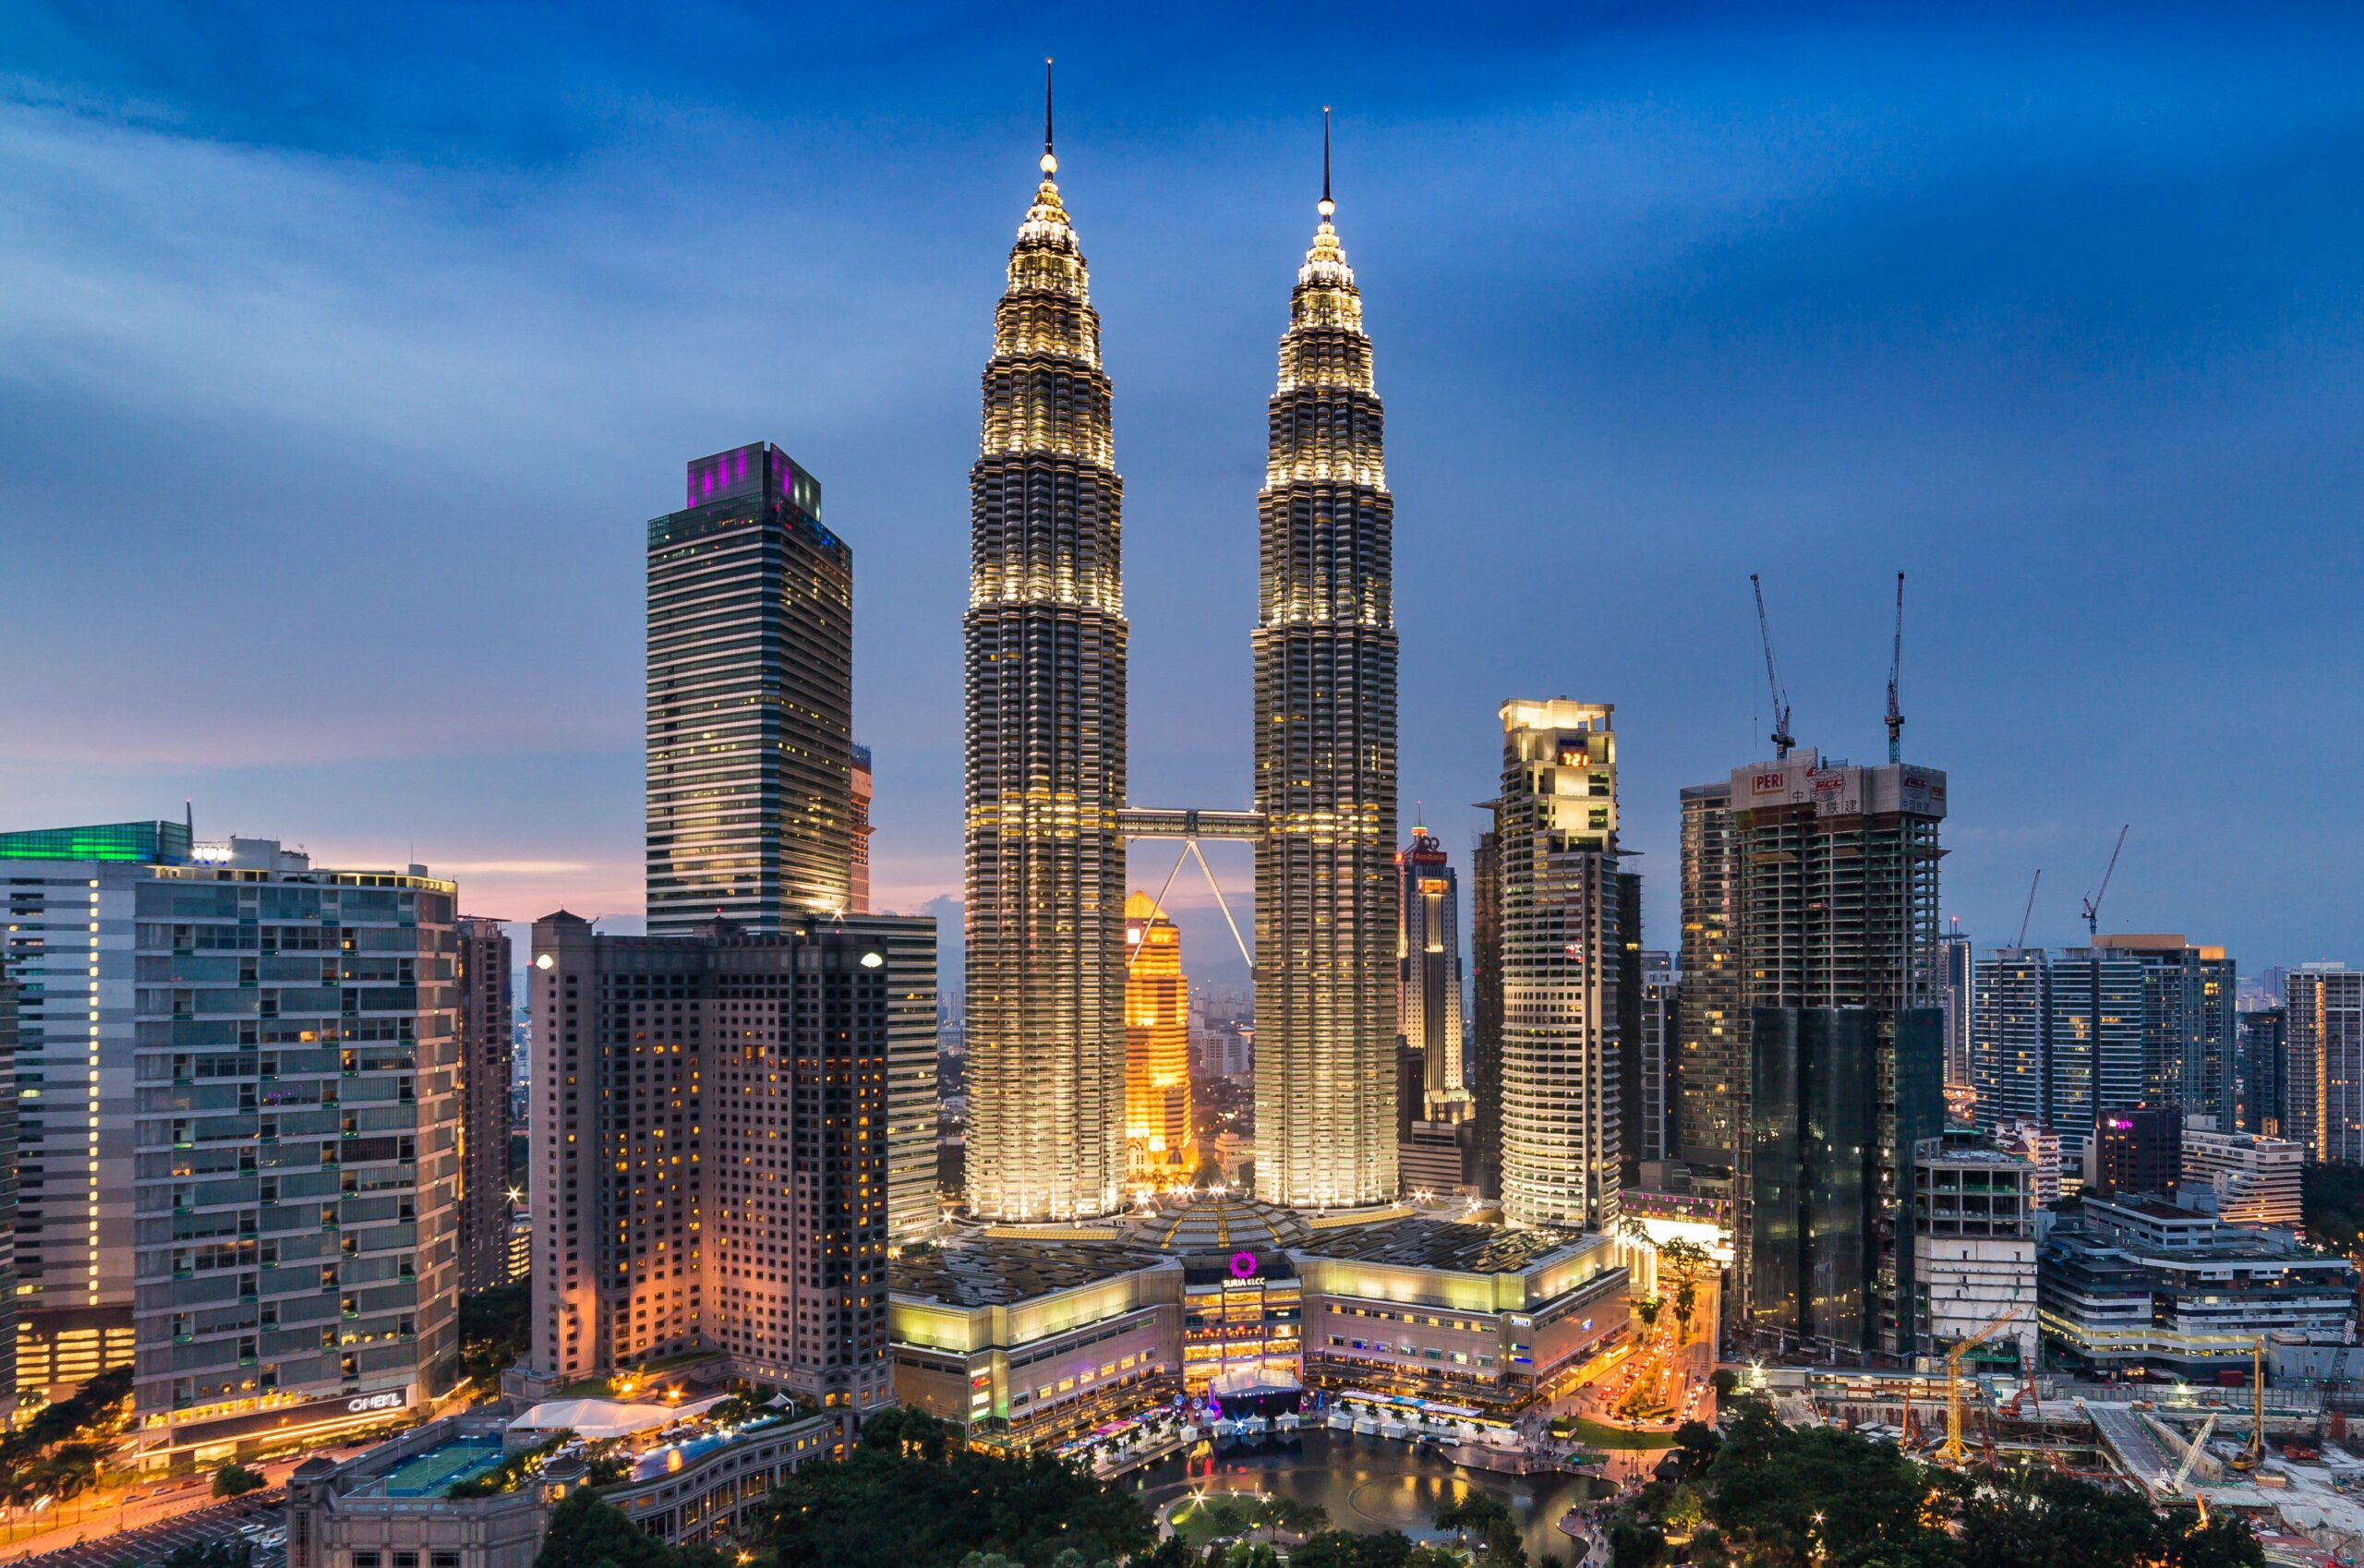 Башни Петронас в Куала-Лумпуре Малайзия